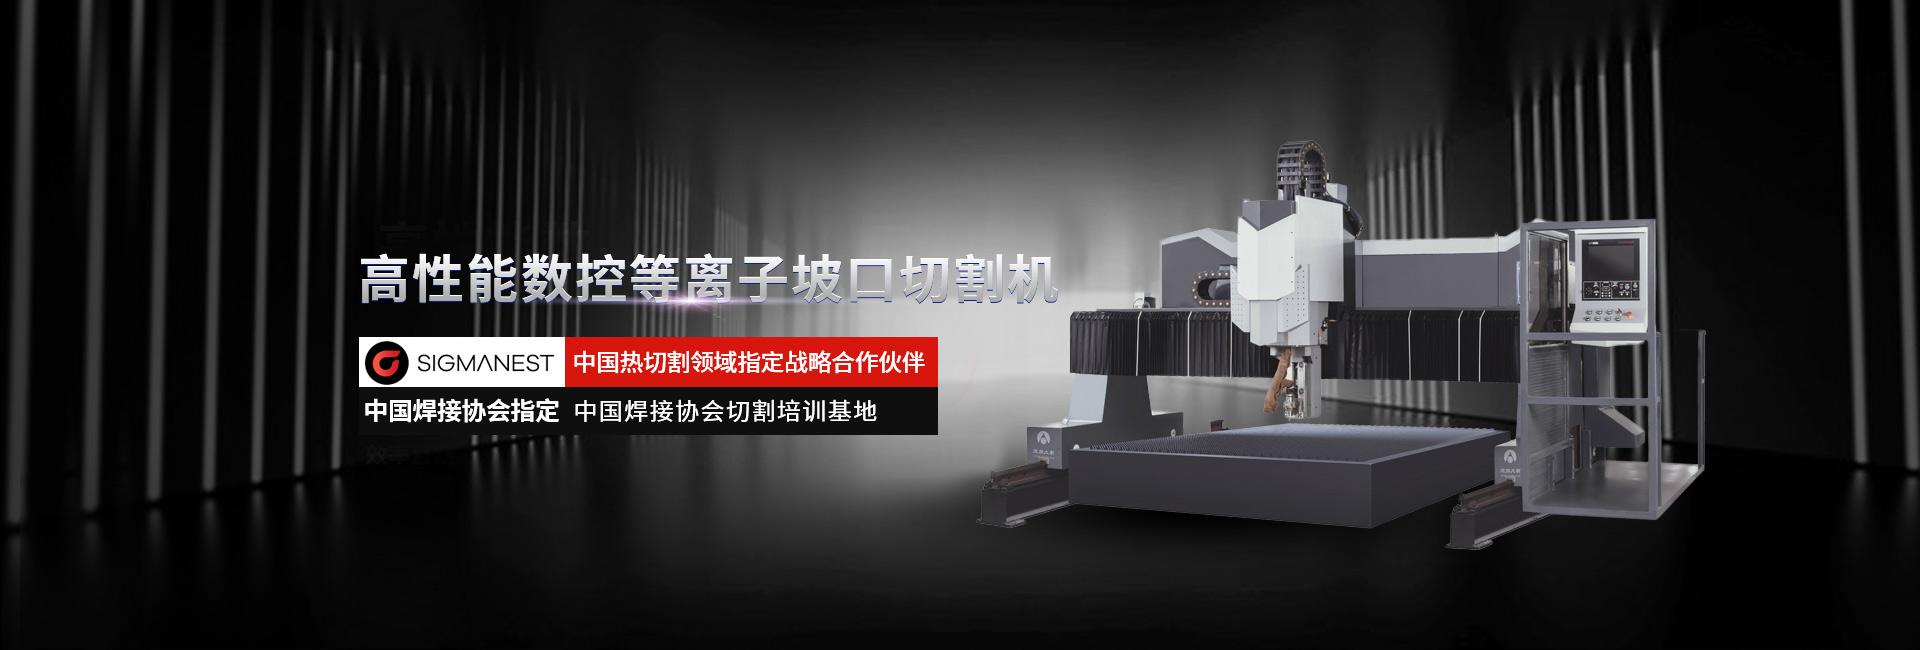 高性能数控等离子坡口切割机广告